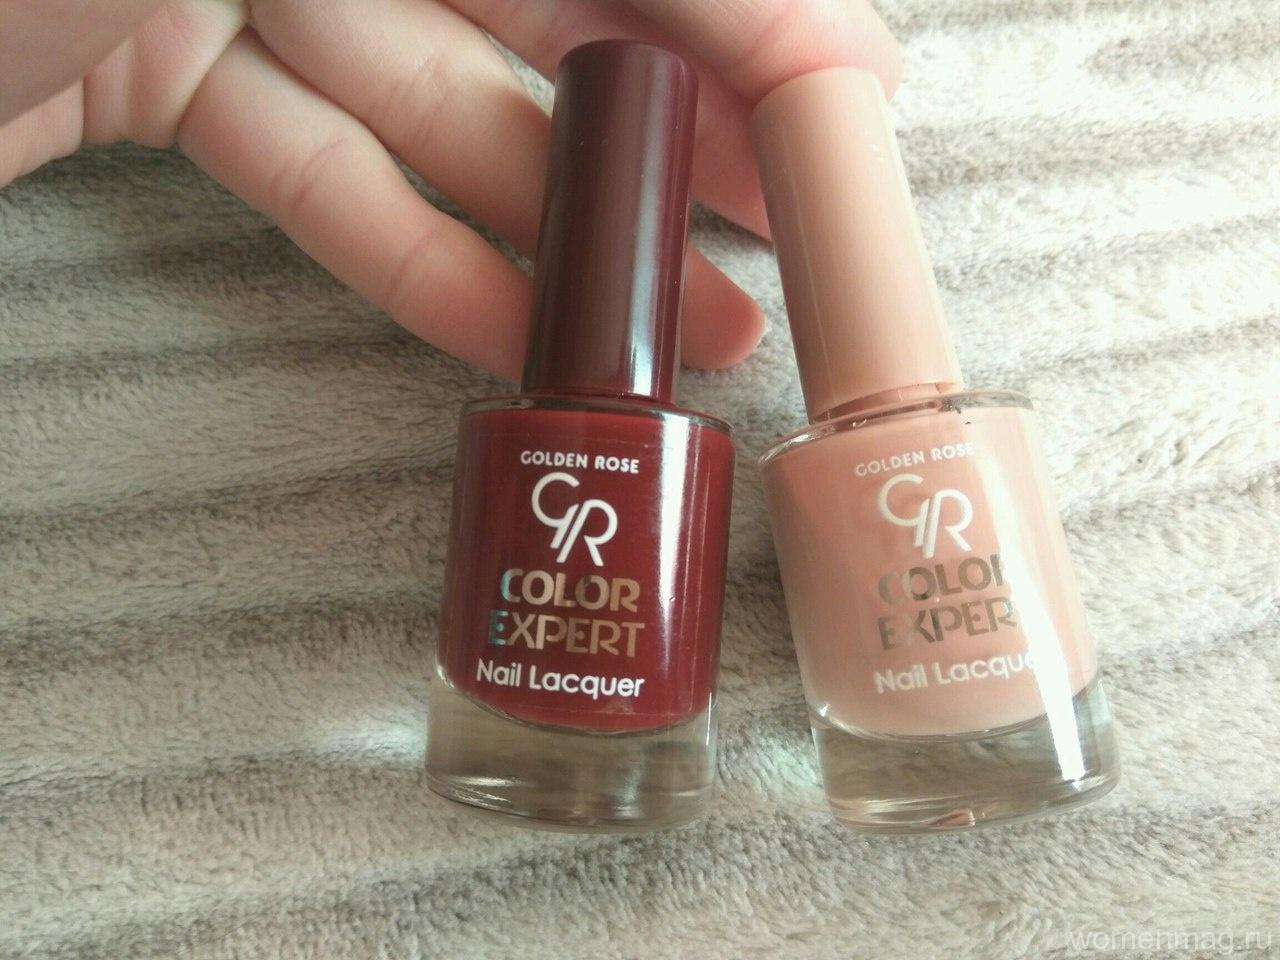 Мои любимые лаки Golden Rose №99 и №78. Отзыв